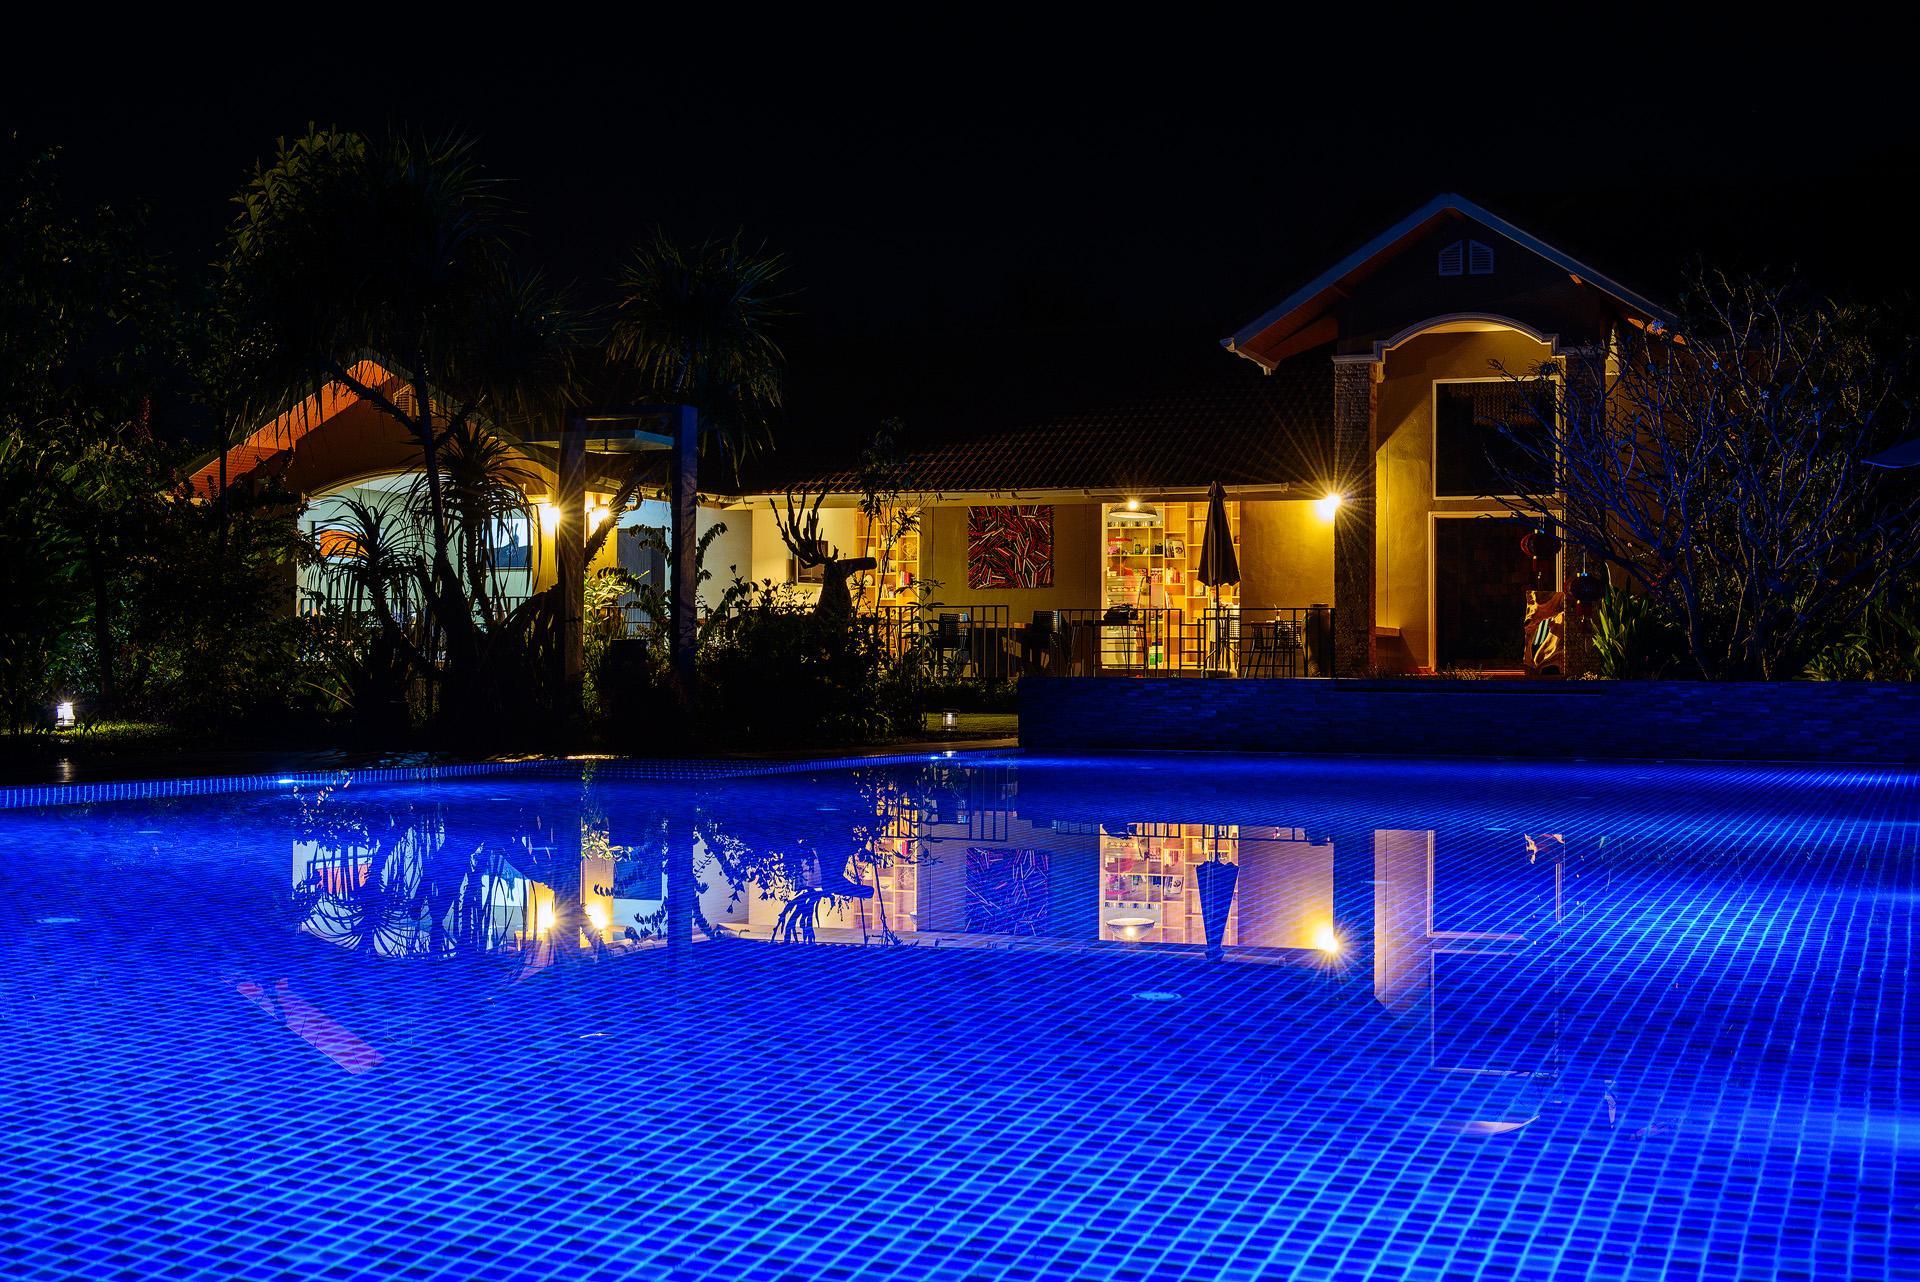 ค้นหา เชียงใหม่ คอร์เนอร์ สปา รีสอร์ต (Chiang Mai Corner Spa Resort) ส่วนลด